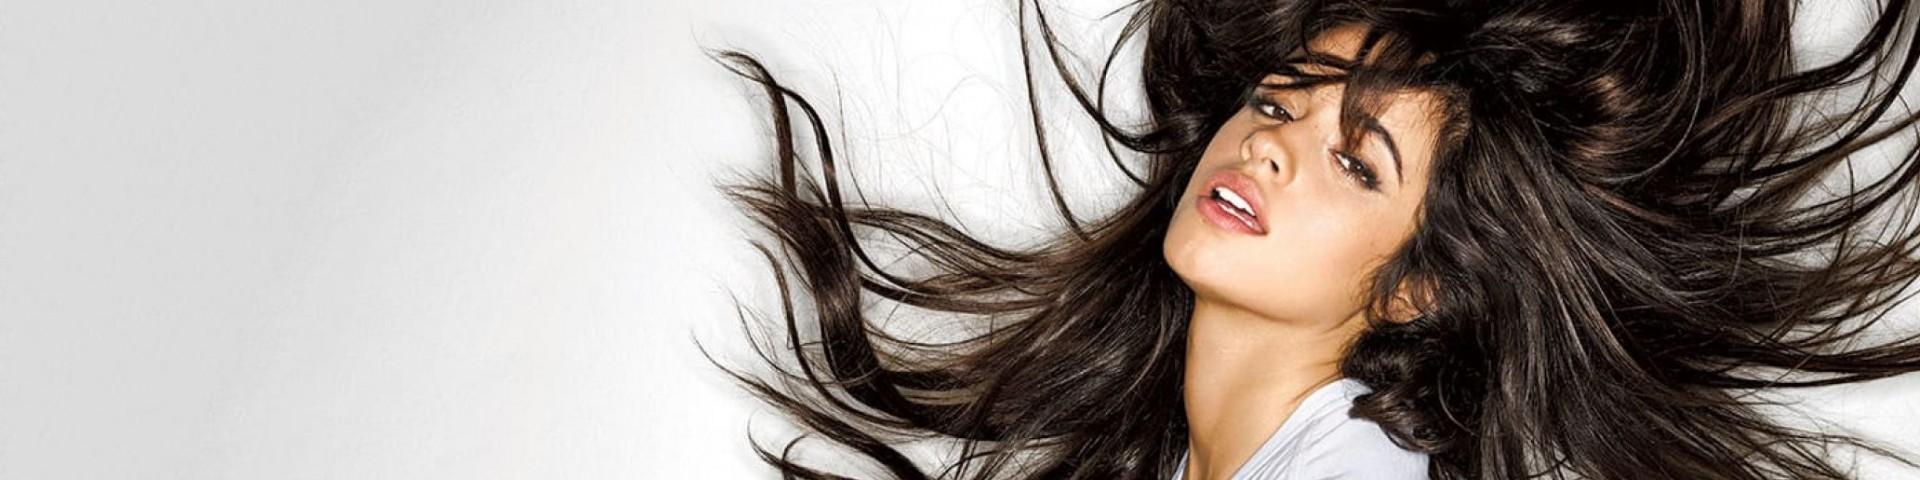 Camila Cabello a Milano 2020: come acquistare i biglietti su Live Nation